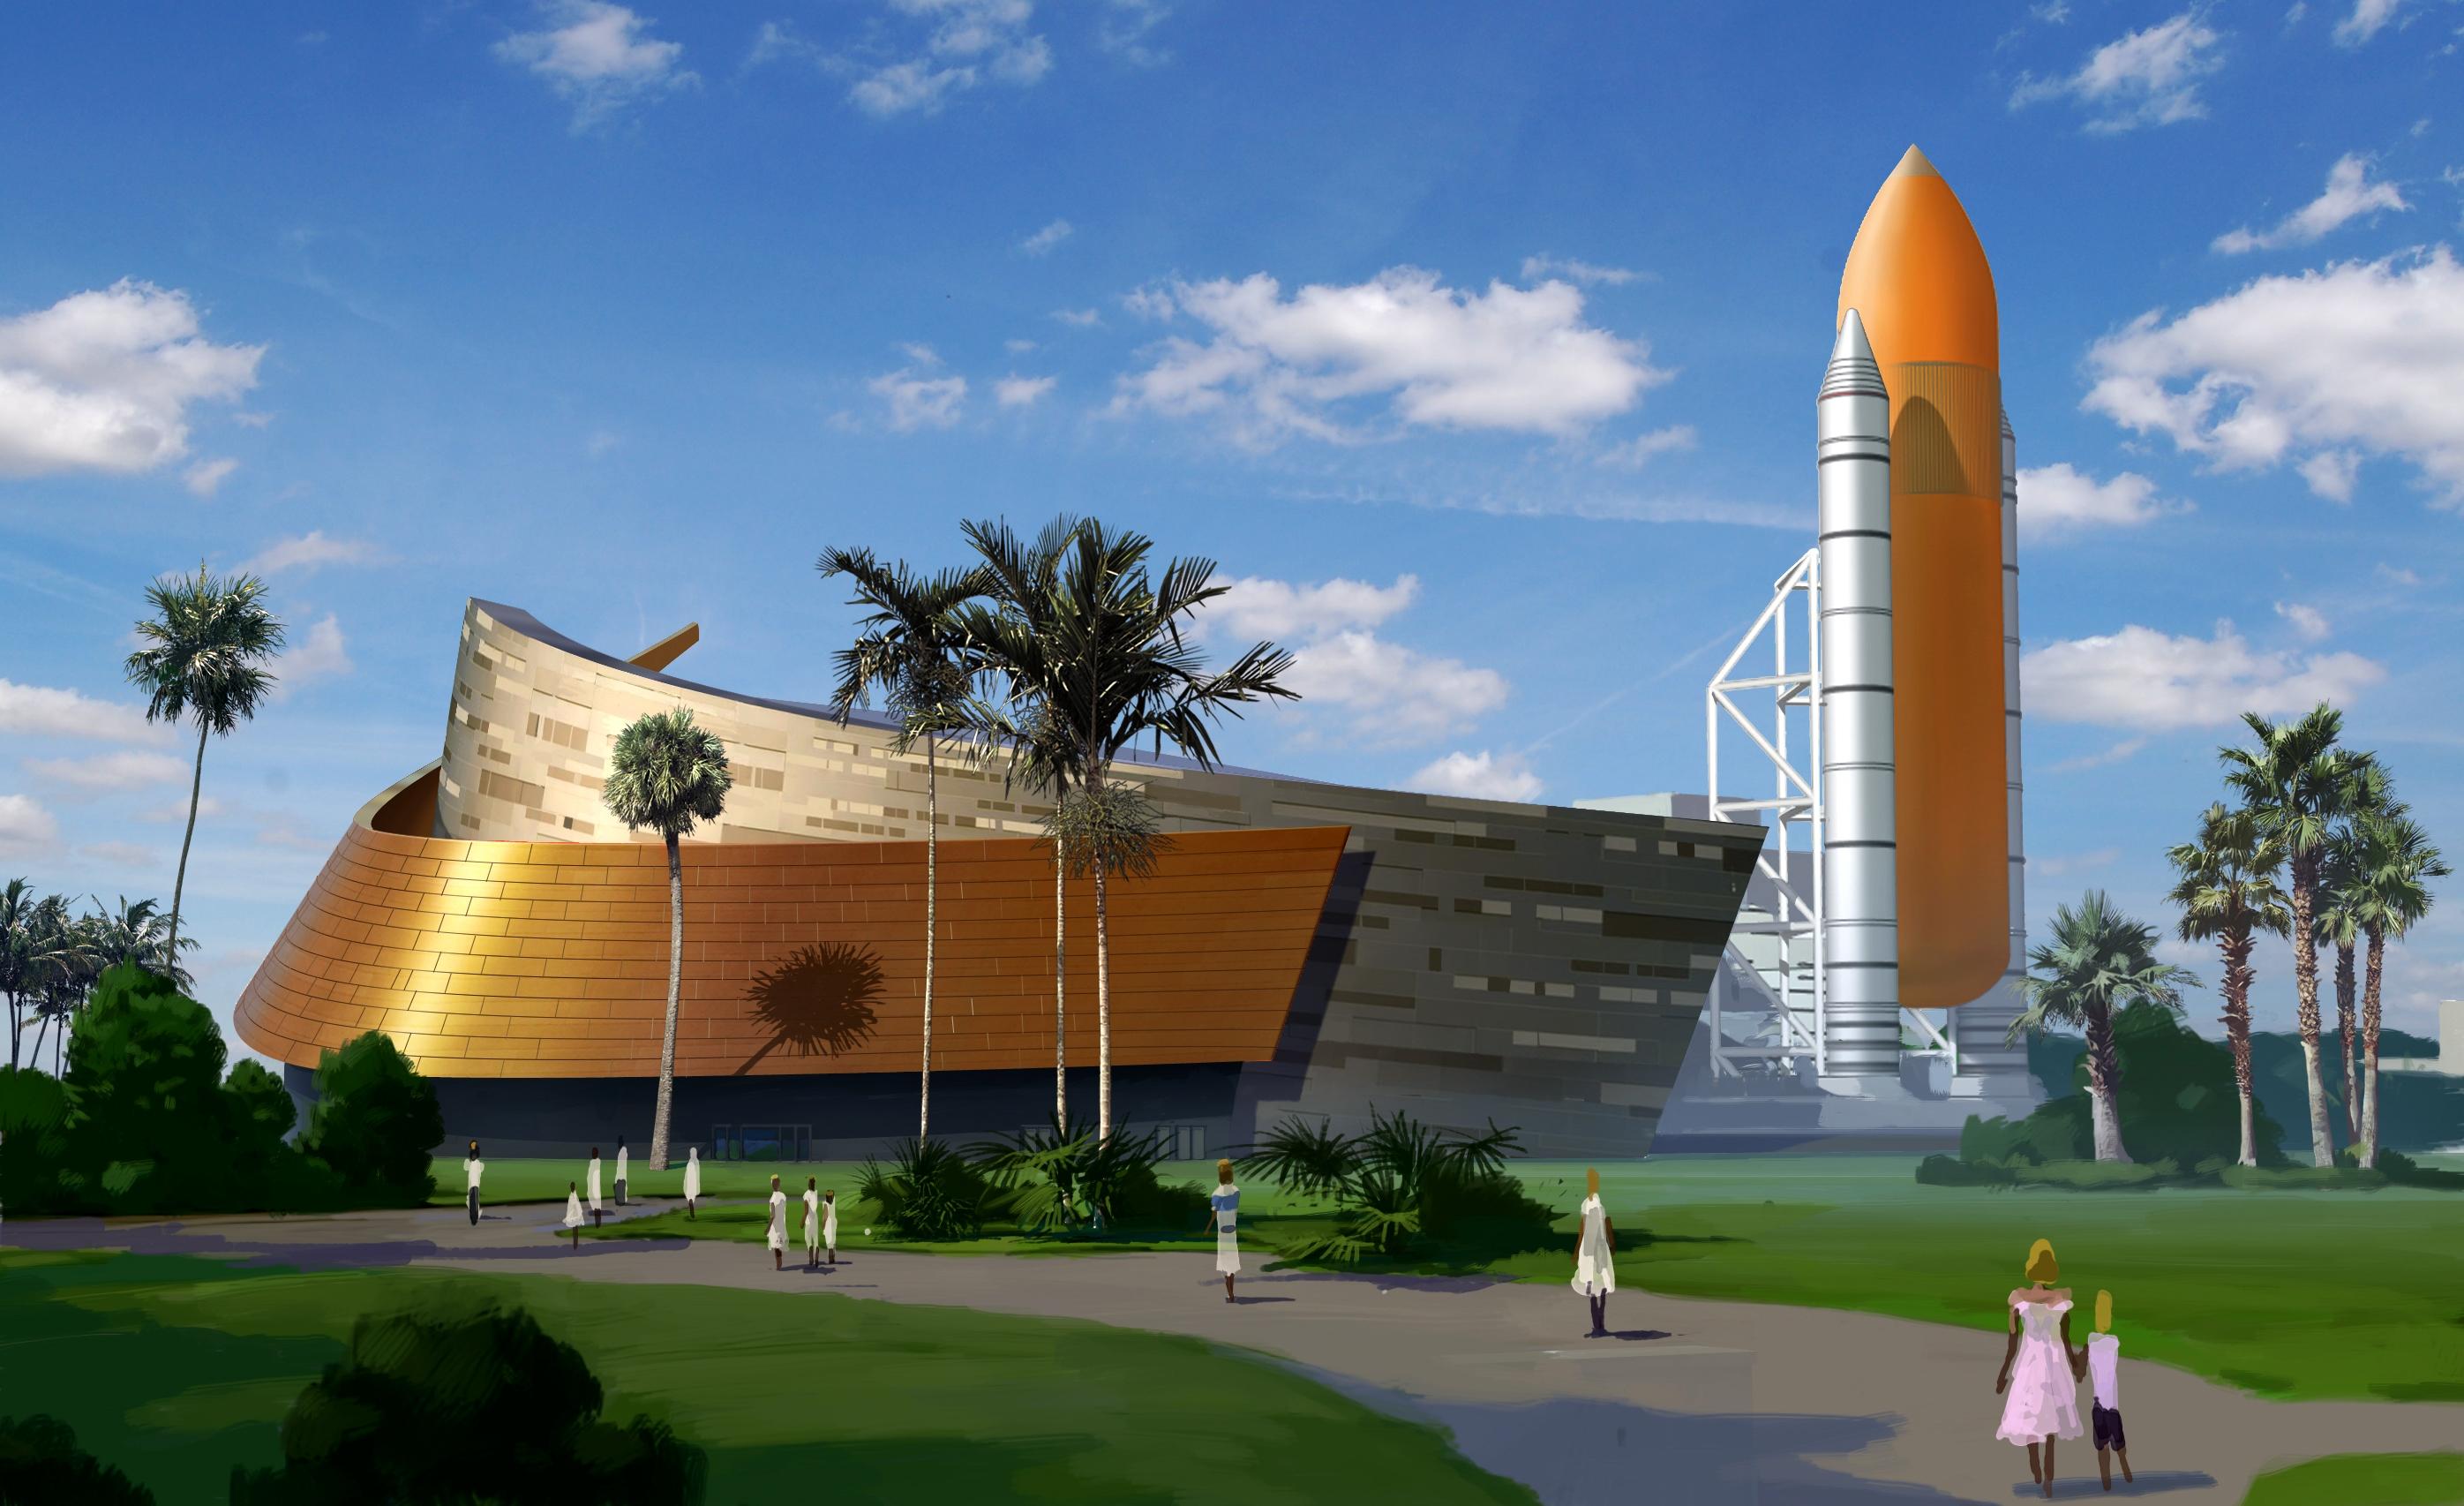 space shuttle atlantis building - photo #2